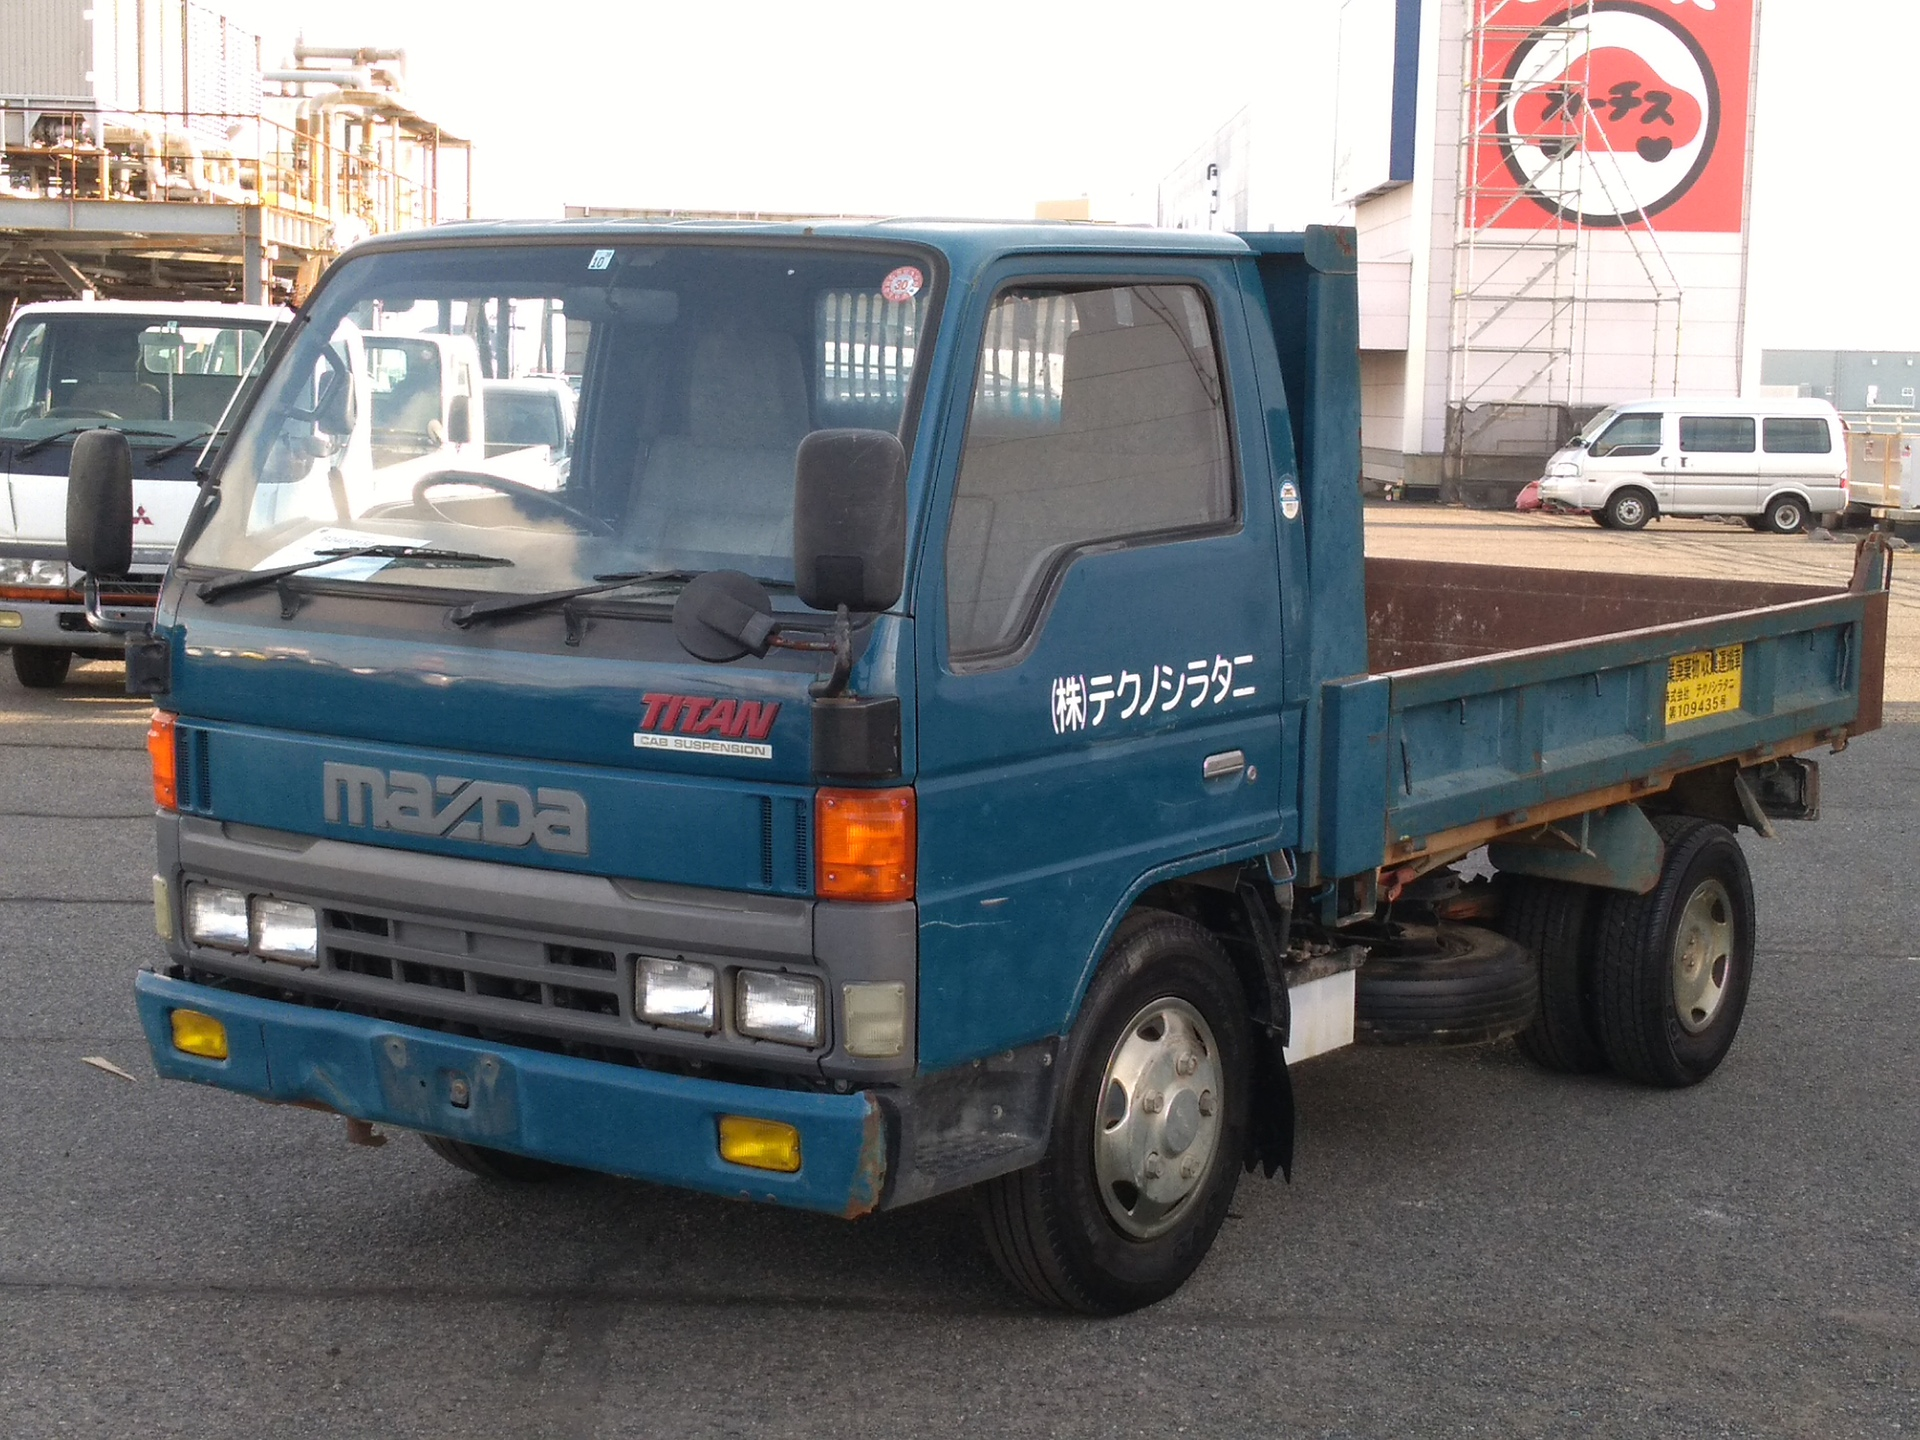 B24010150 pht01